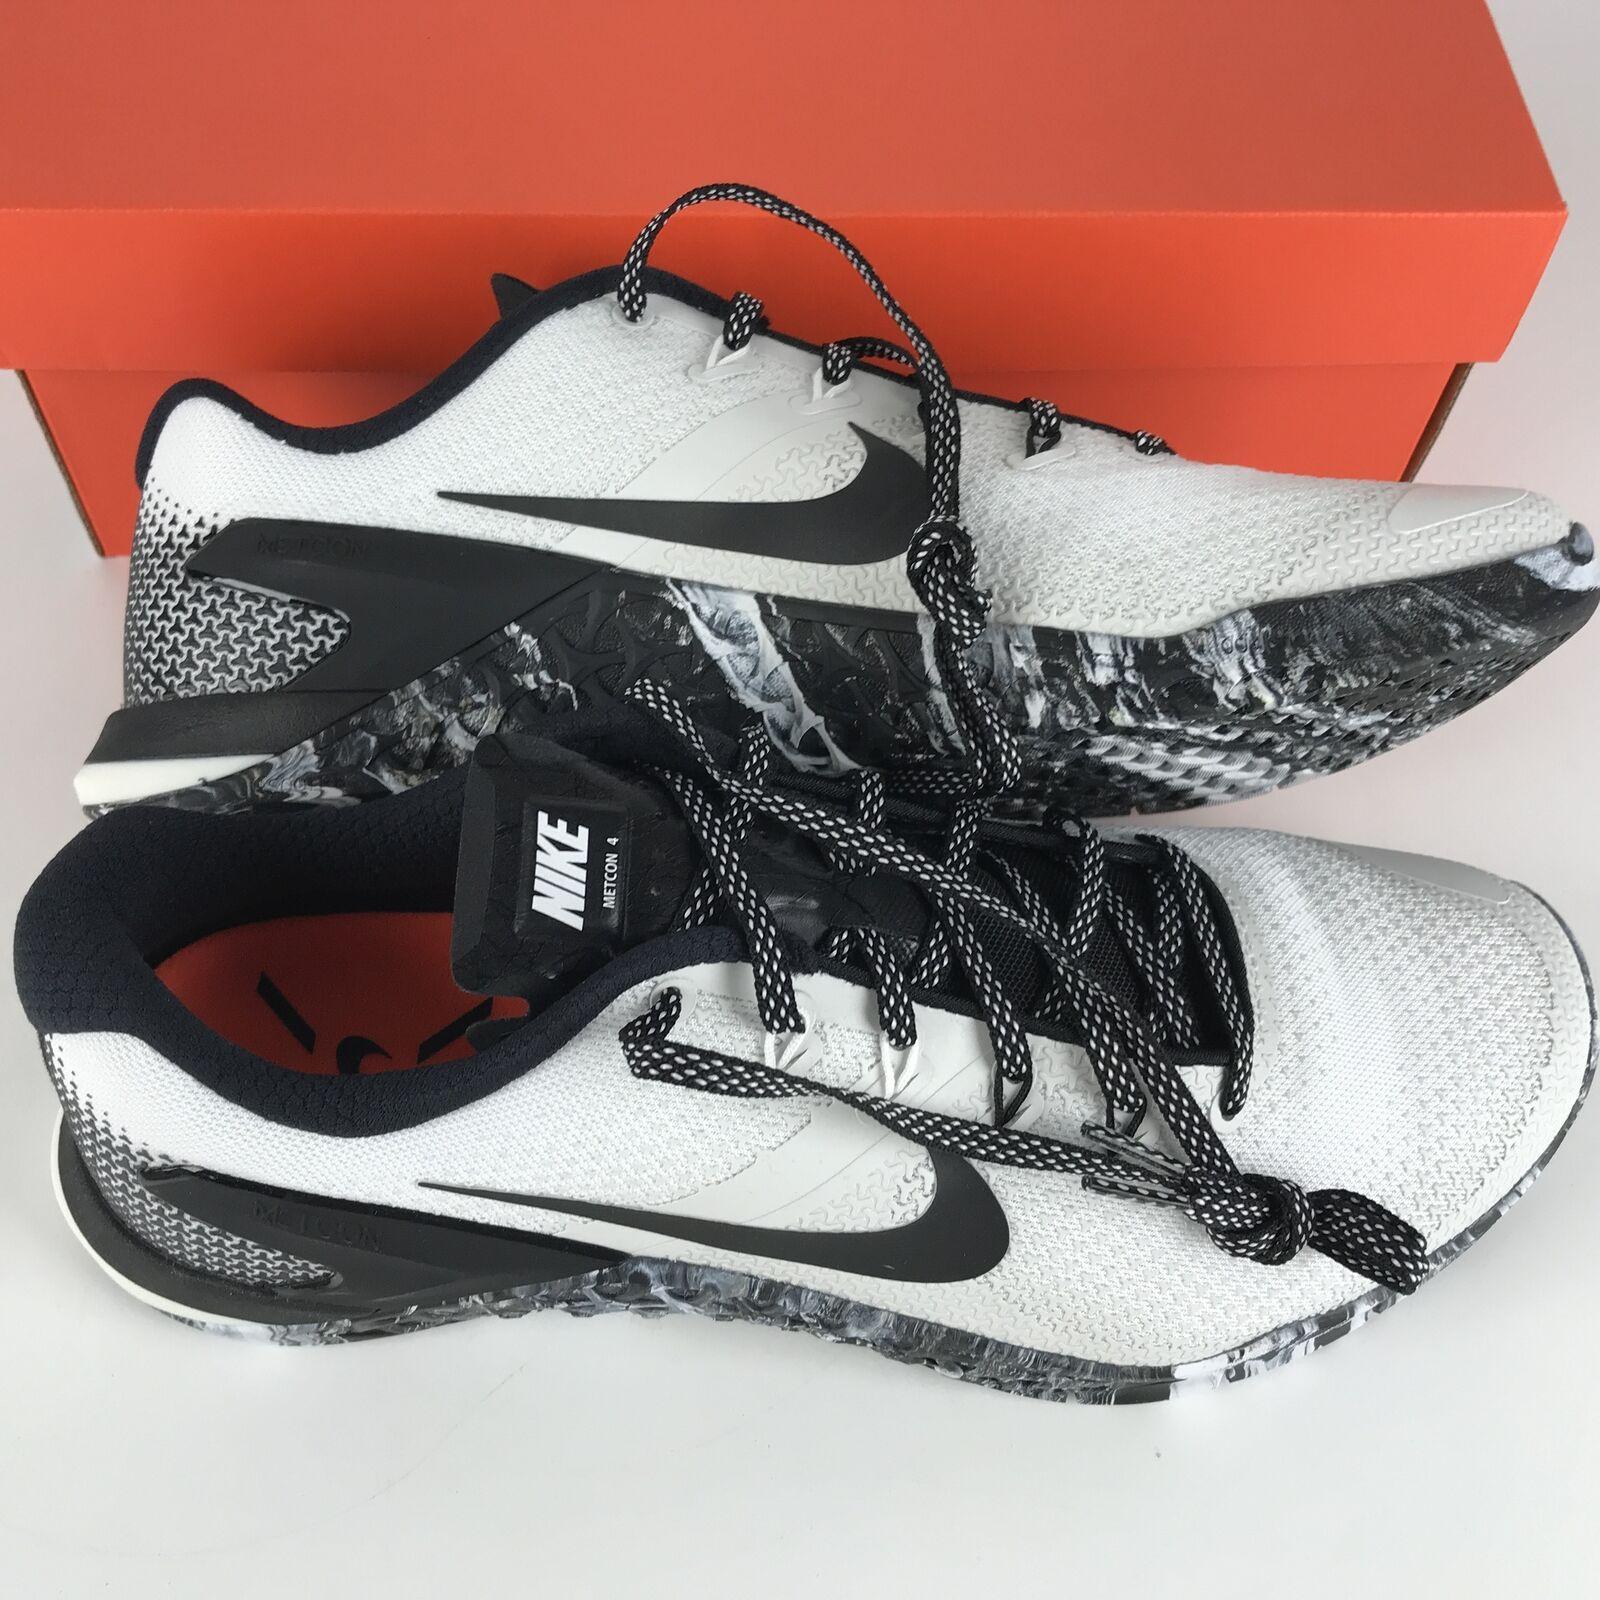 Nike Metcon 4 Running Shoes 11 White/Black-Sail AH7453 101 image 6